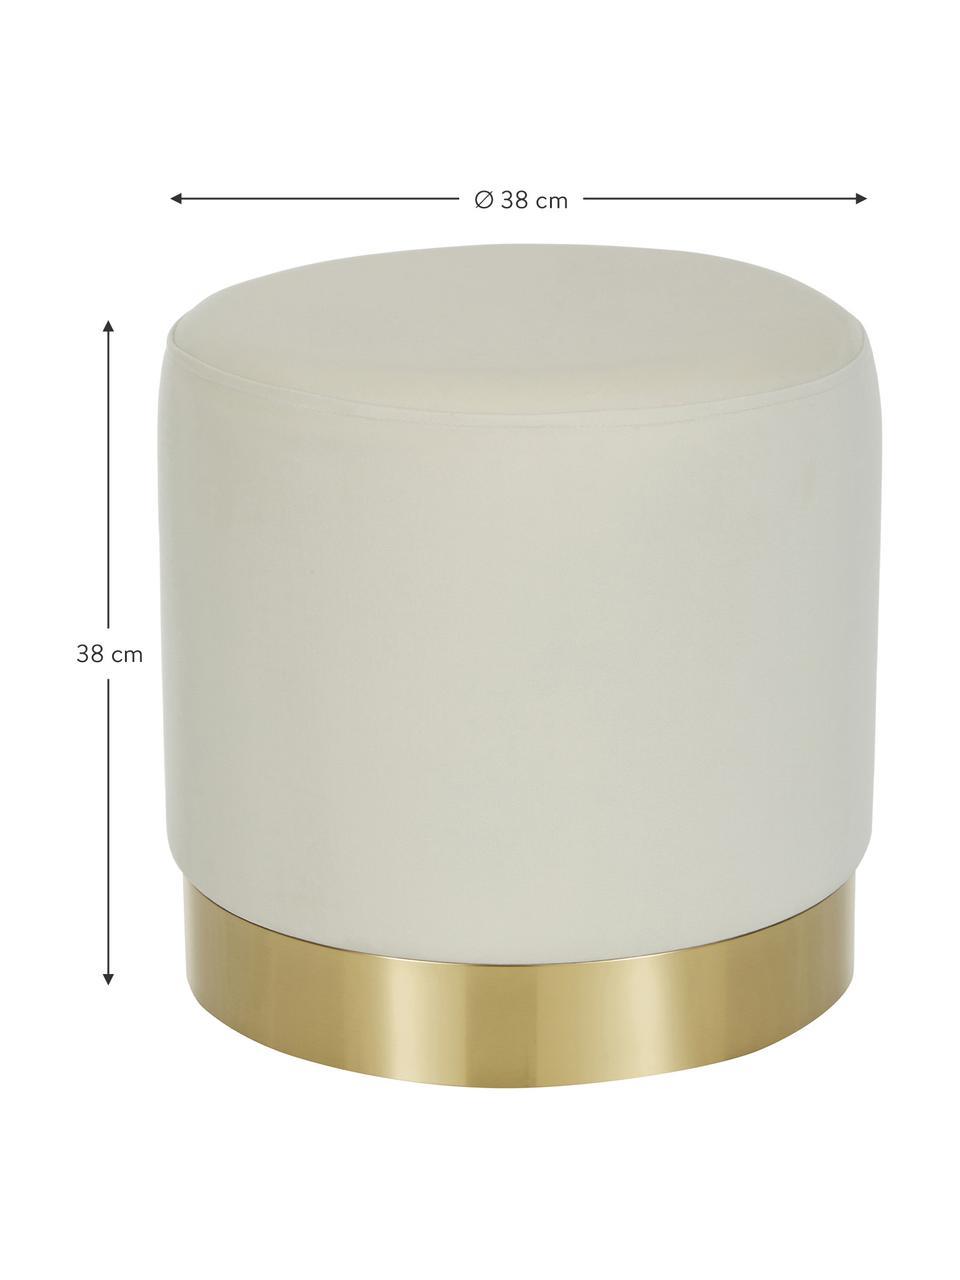 Pouf in velluto bianco crema Orchid, Rivestimento: velluto (100% poliestere), Struttura: compensato, Velluto bianco crema, dorato, Ø 38 x Alt. 38 cm